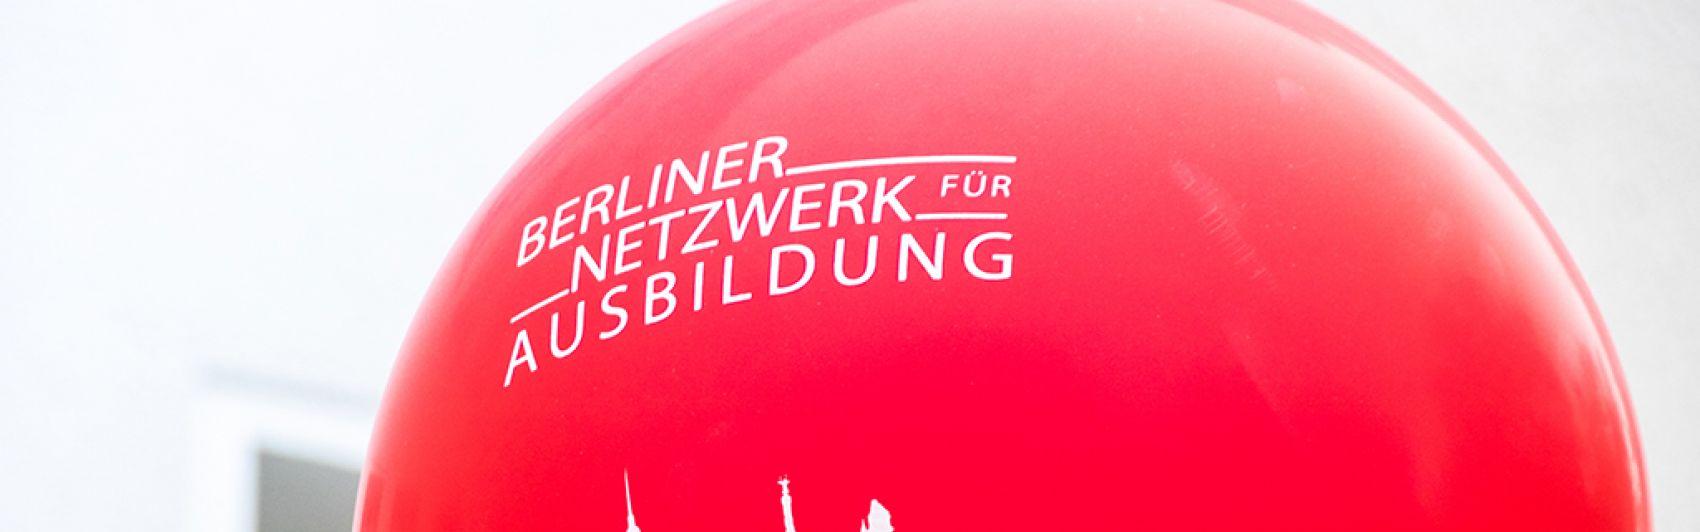 15 Jahre Berliner Netzwerk für Ausbildung